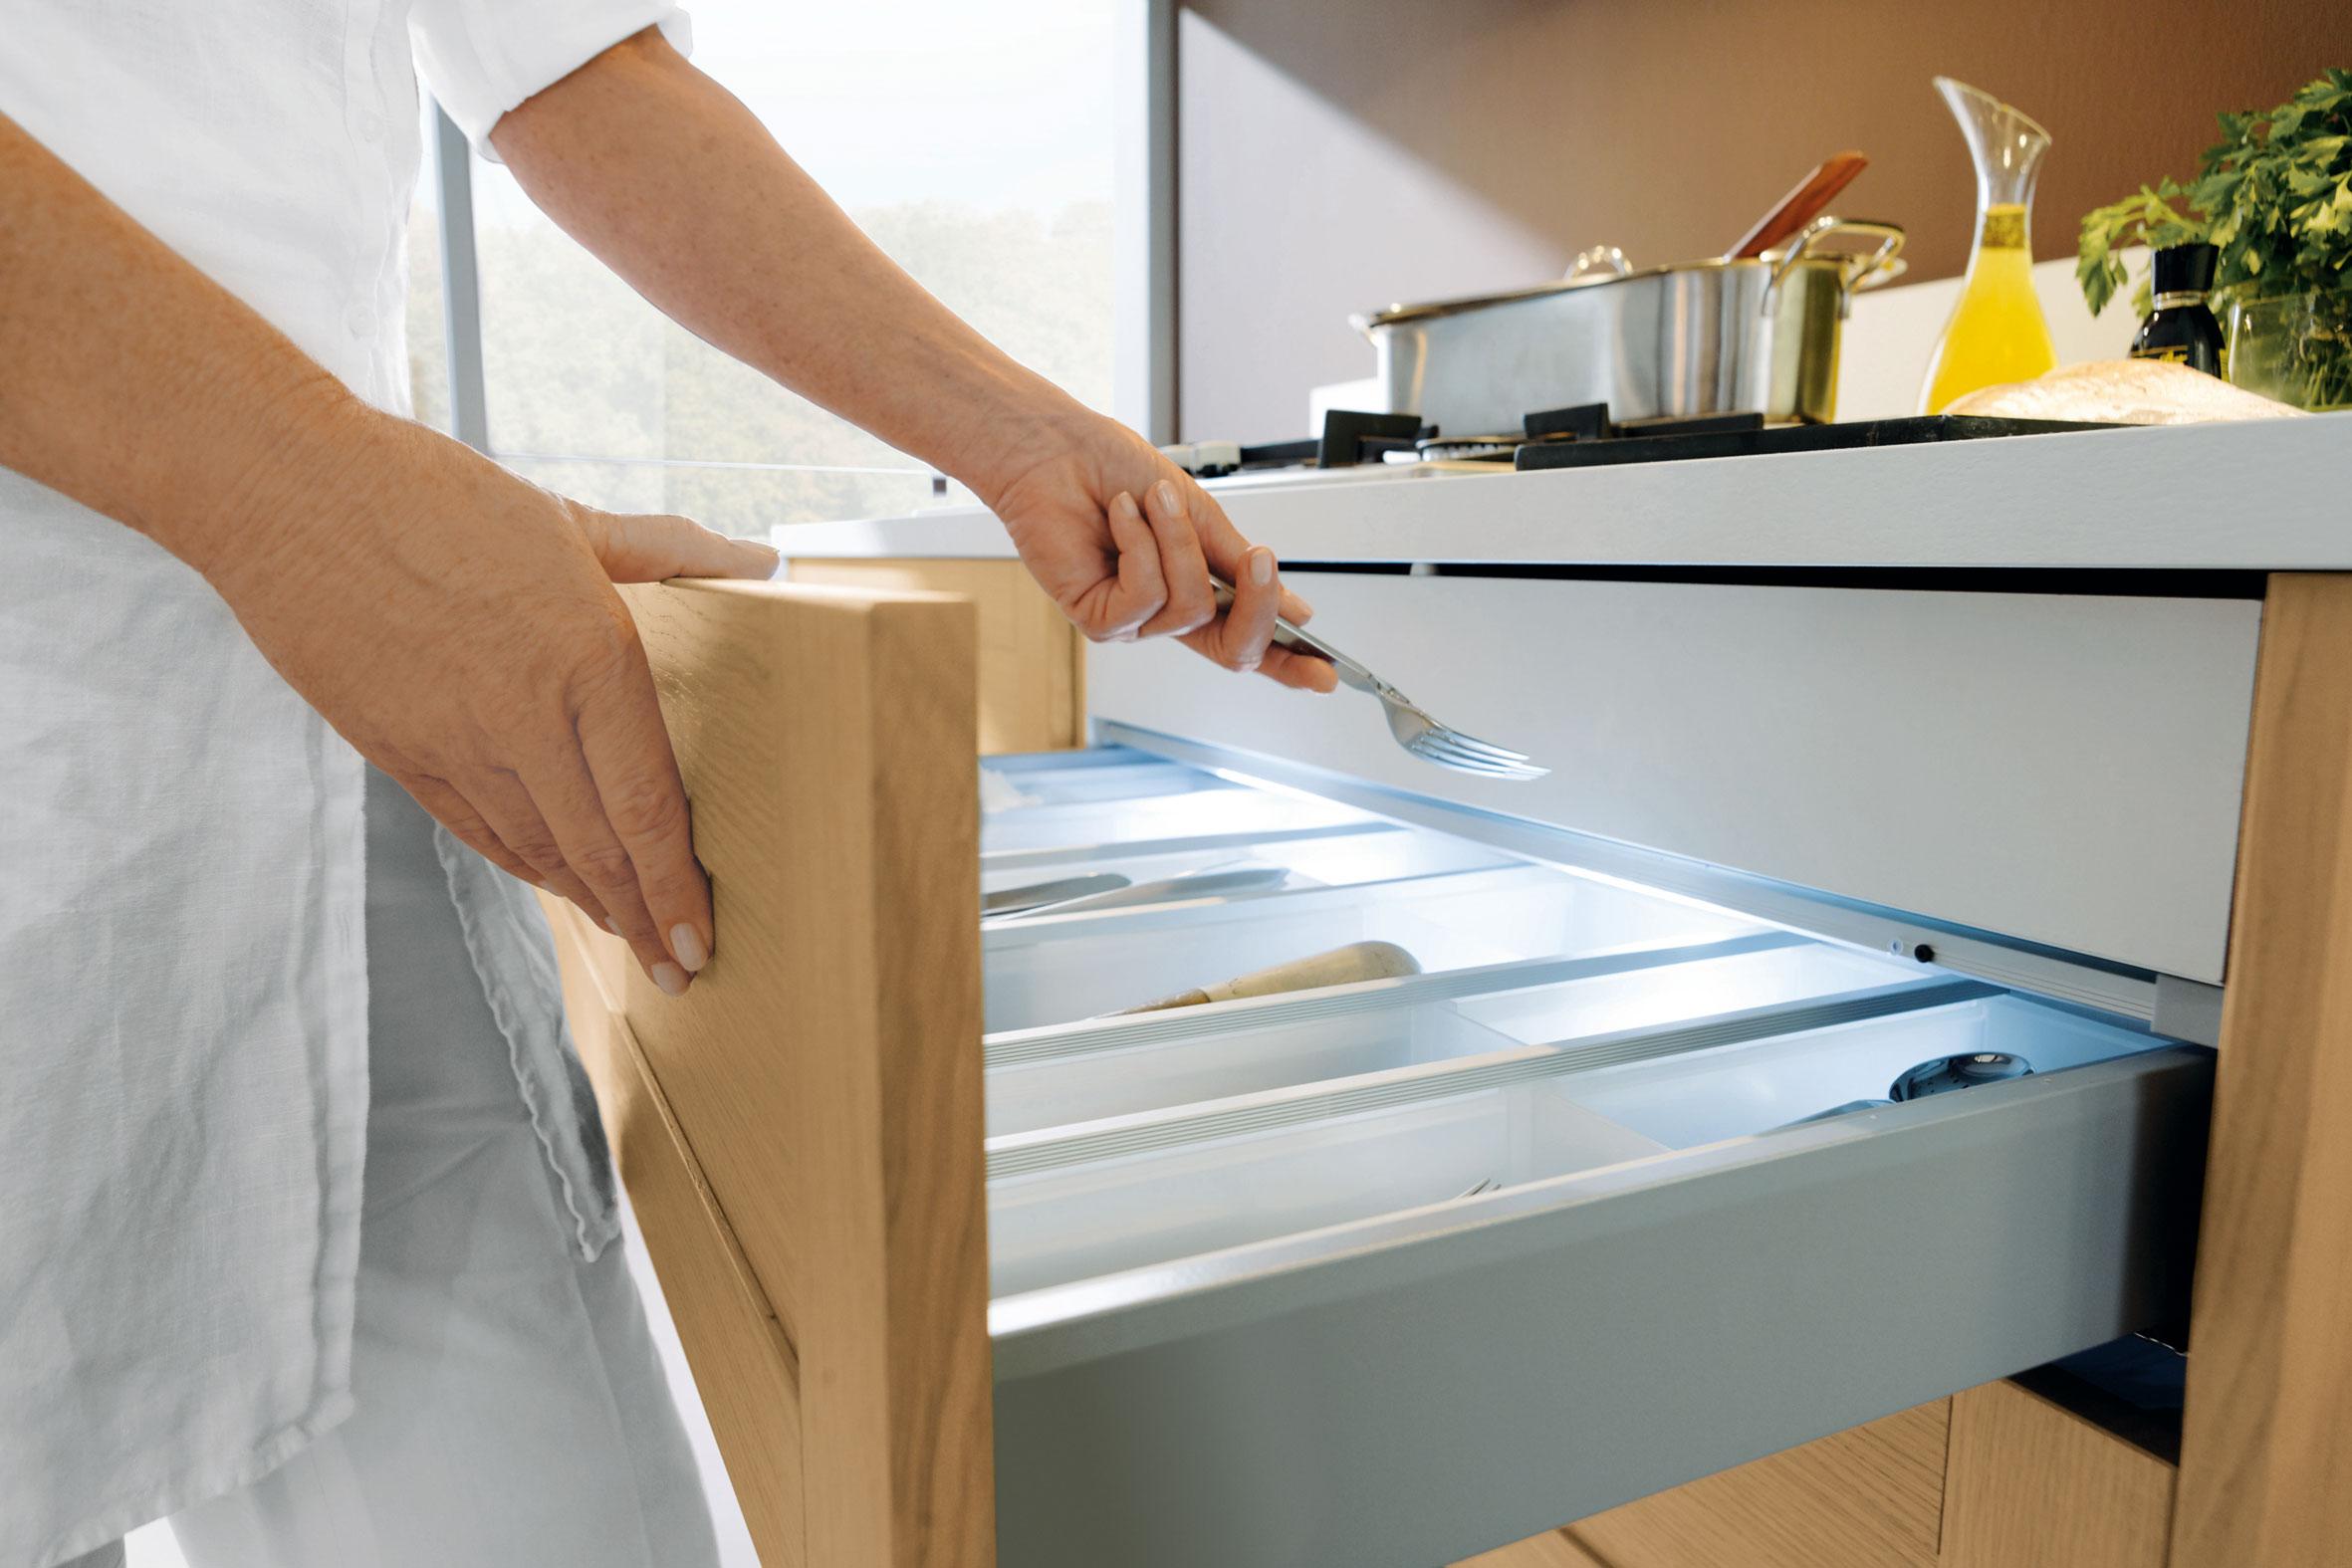 Cuisine bois photos de cuisines en bois 7 photo de - Cuisine contemporaine en bois ...